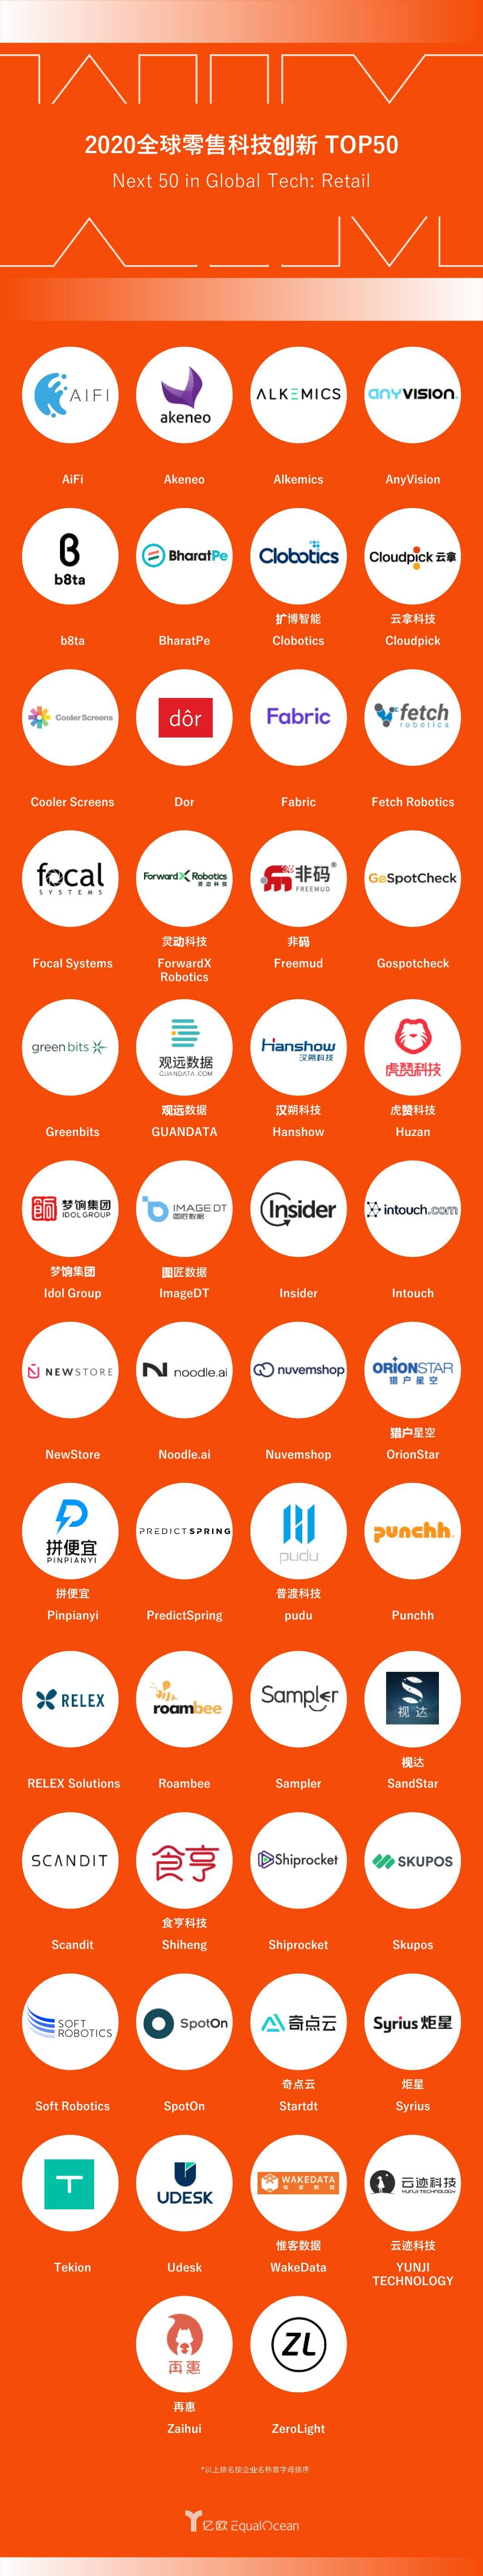 【最新】全球零售科技创新G50榜单.jpg.jpg